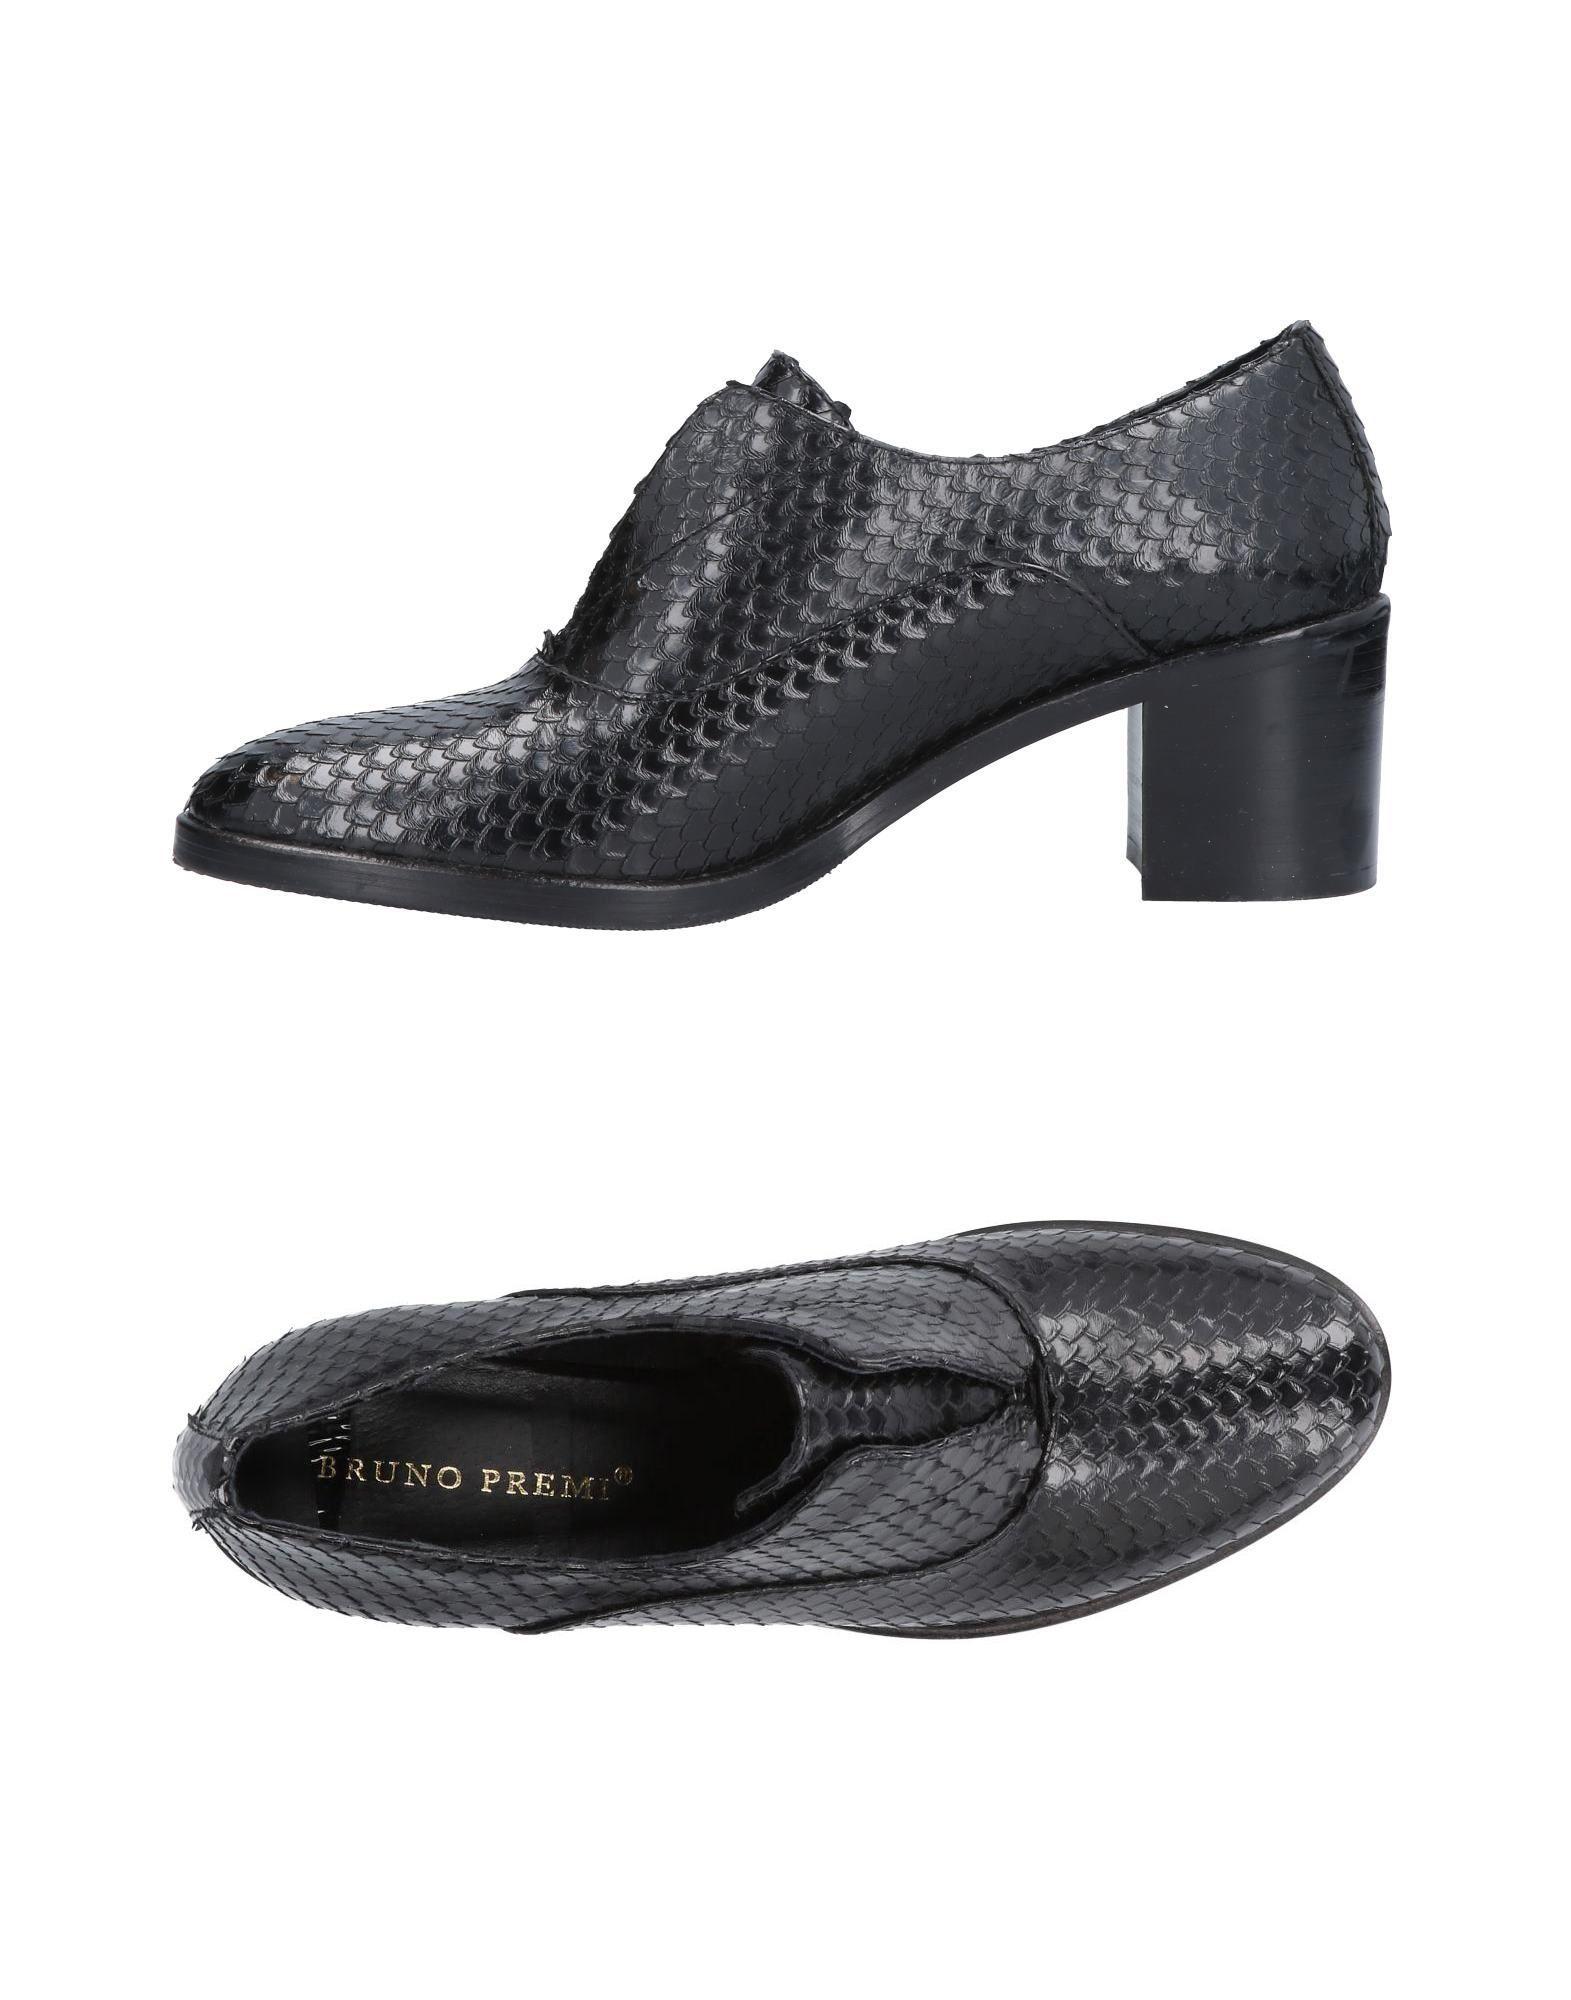 Bruno Premi Mokassins Damen Gute  11483235EI Gute Damen Qualität beliebte Schuhe cdcae2